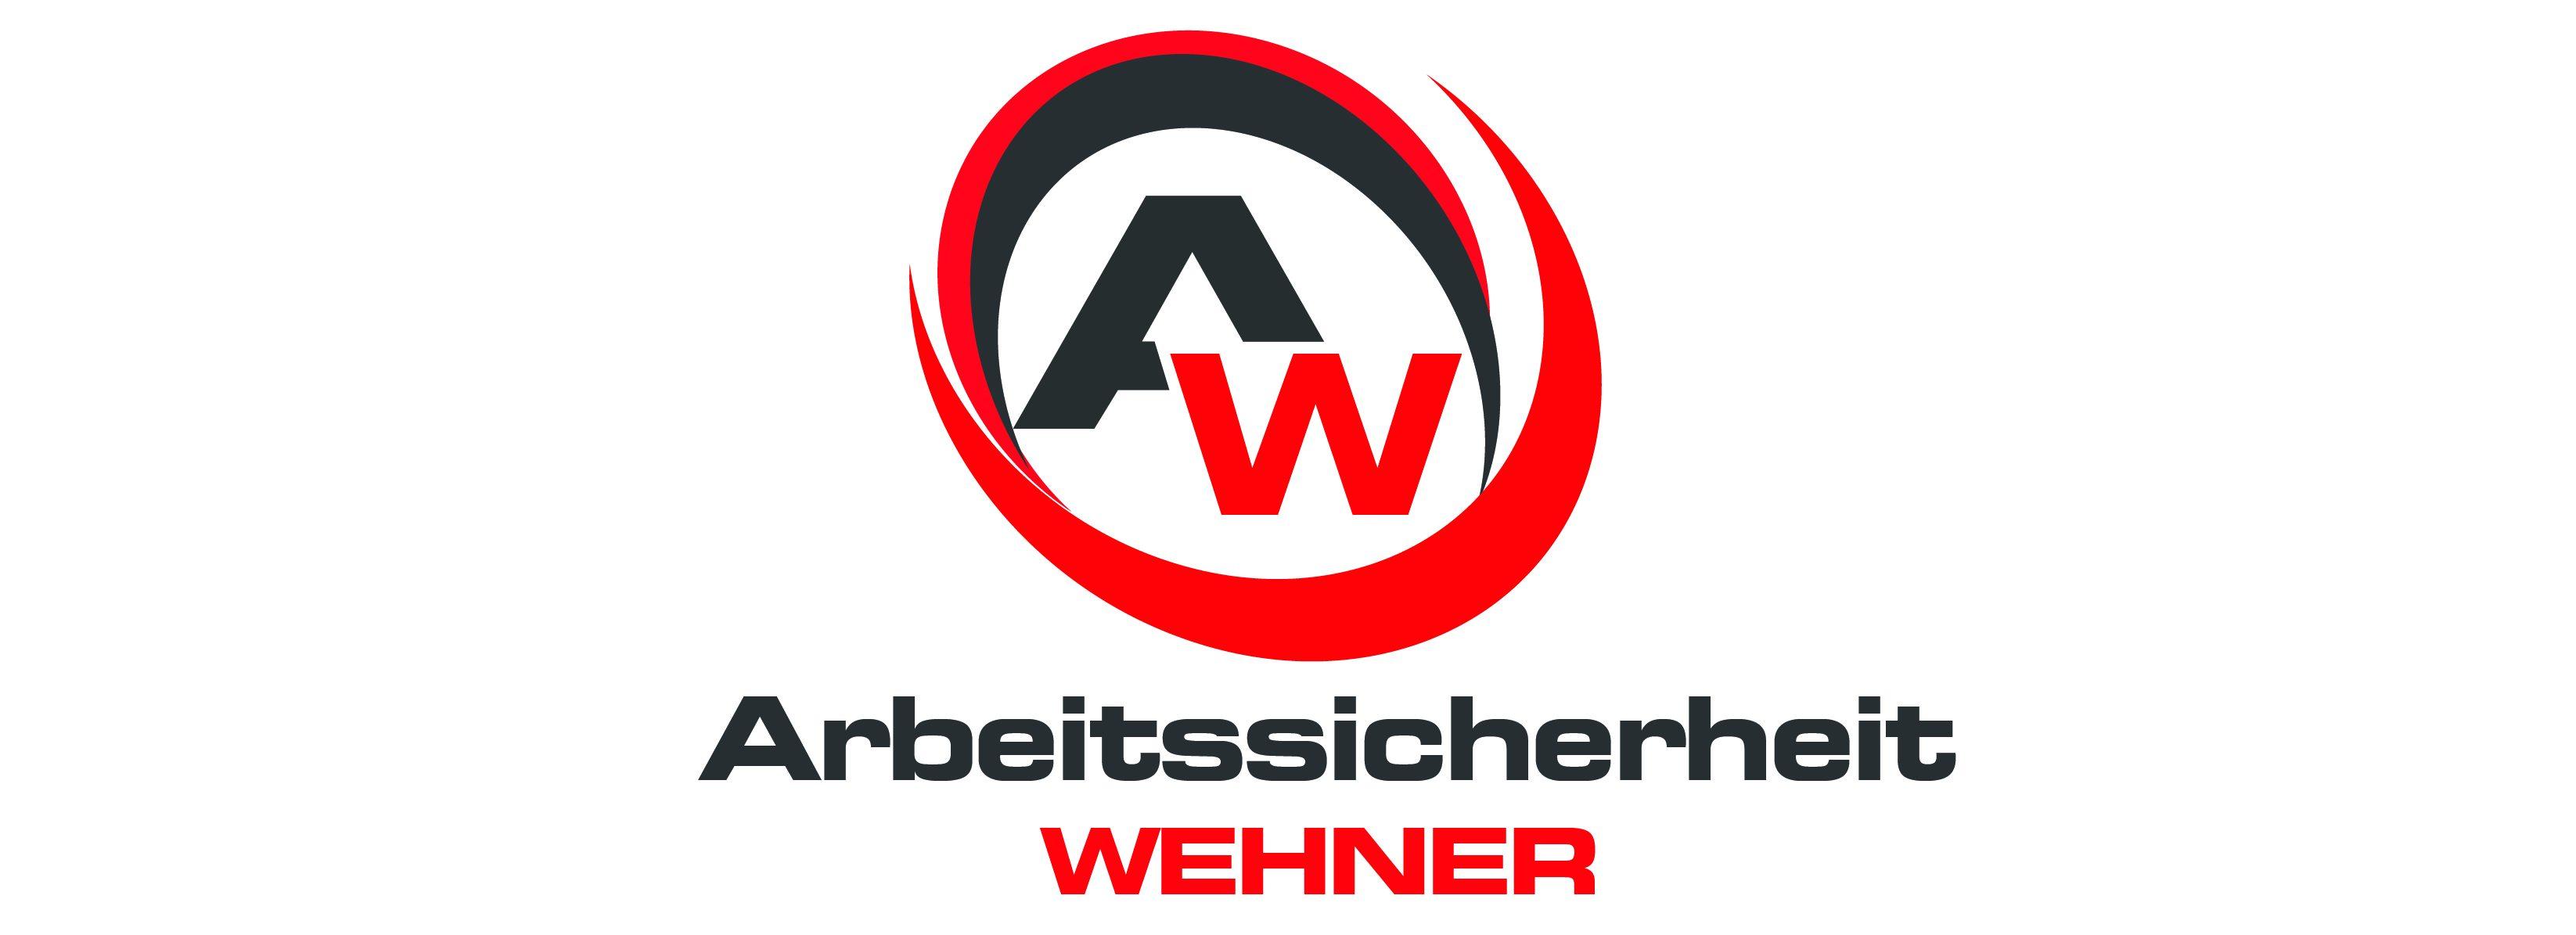 Nils Wehner